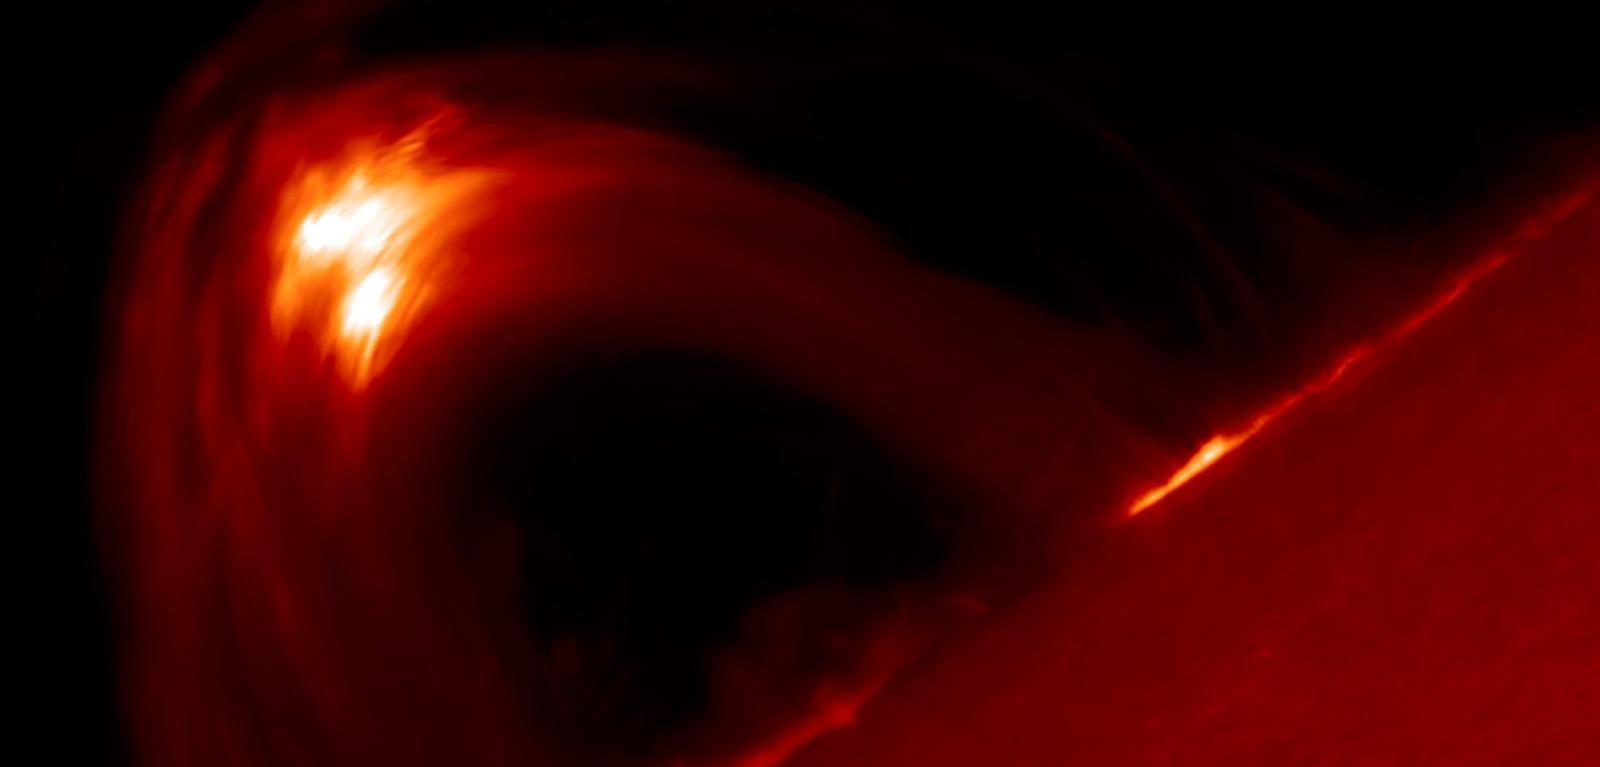 Solens magnetfekt 10x stærkere end man hidtil har ment